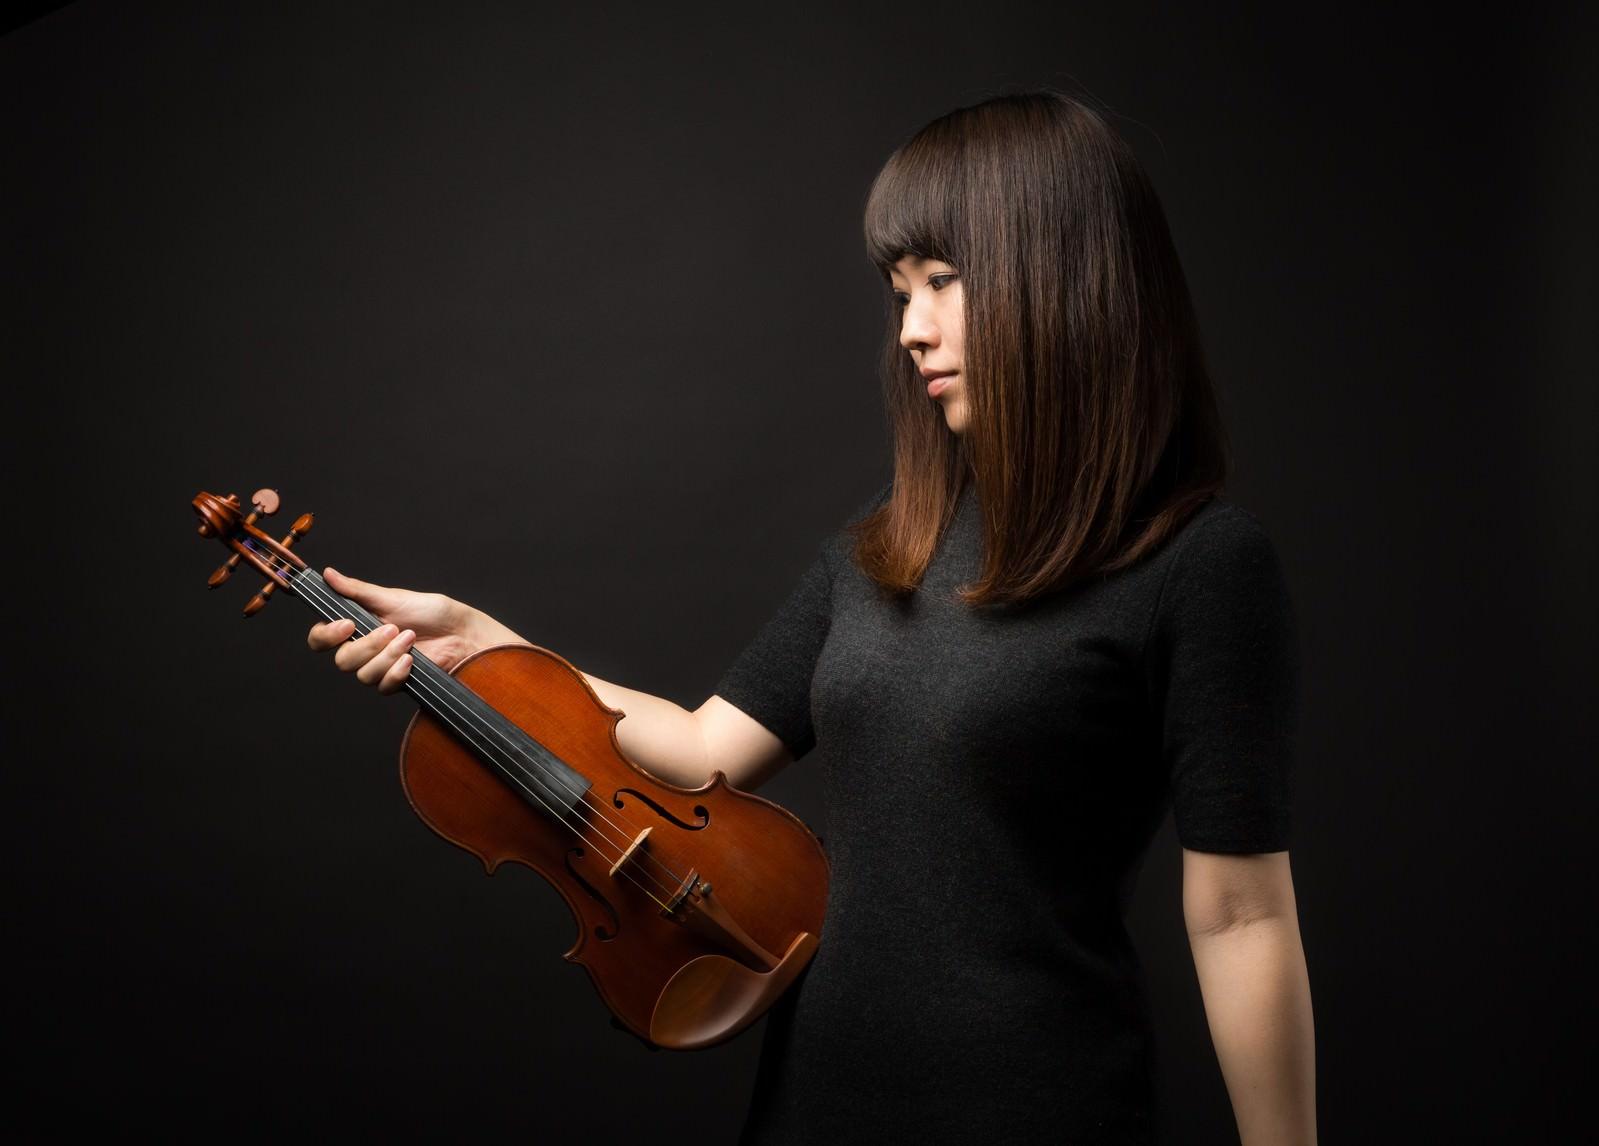 「ヴァイオリンを見つめる女性ヴァイオリンを見つめる女性」[モデル:yukiko]のフリー写真素材を拡大